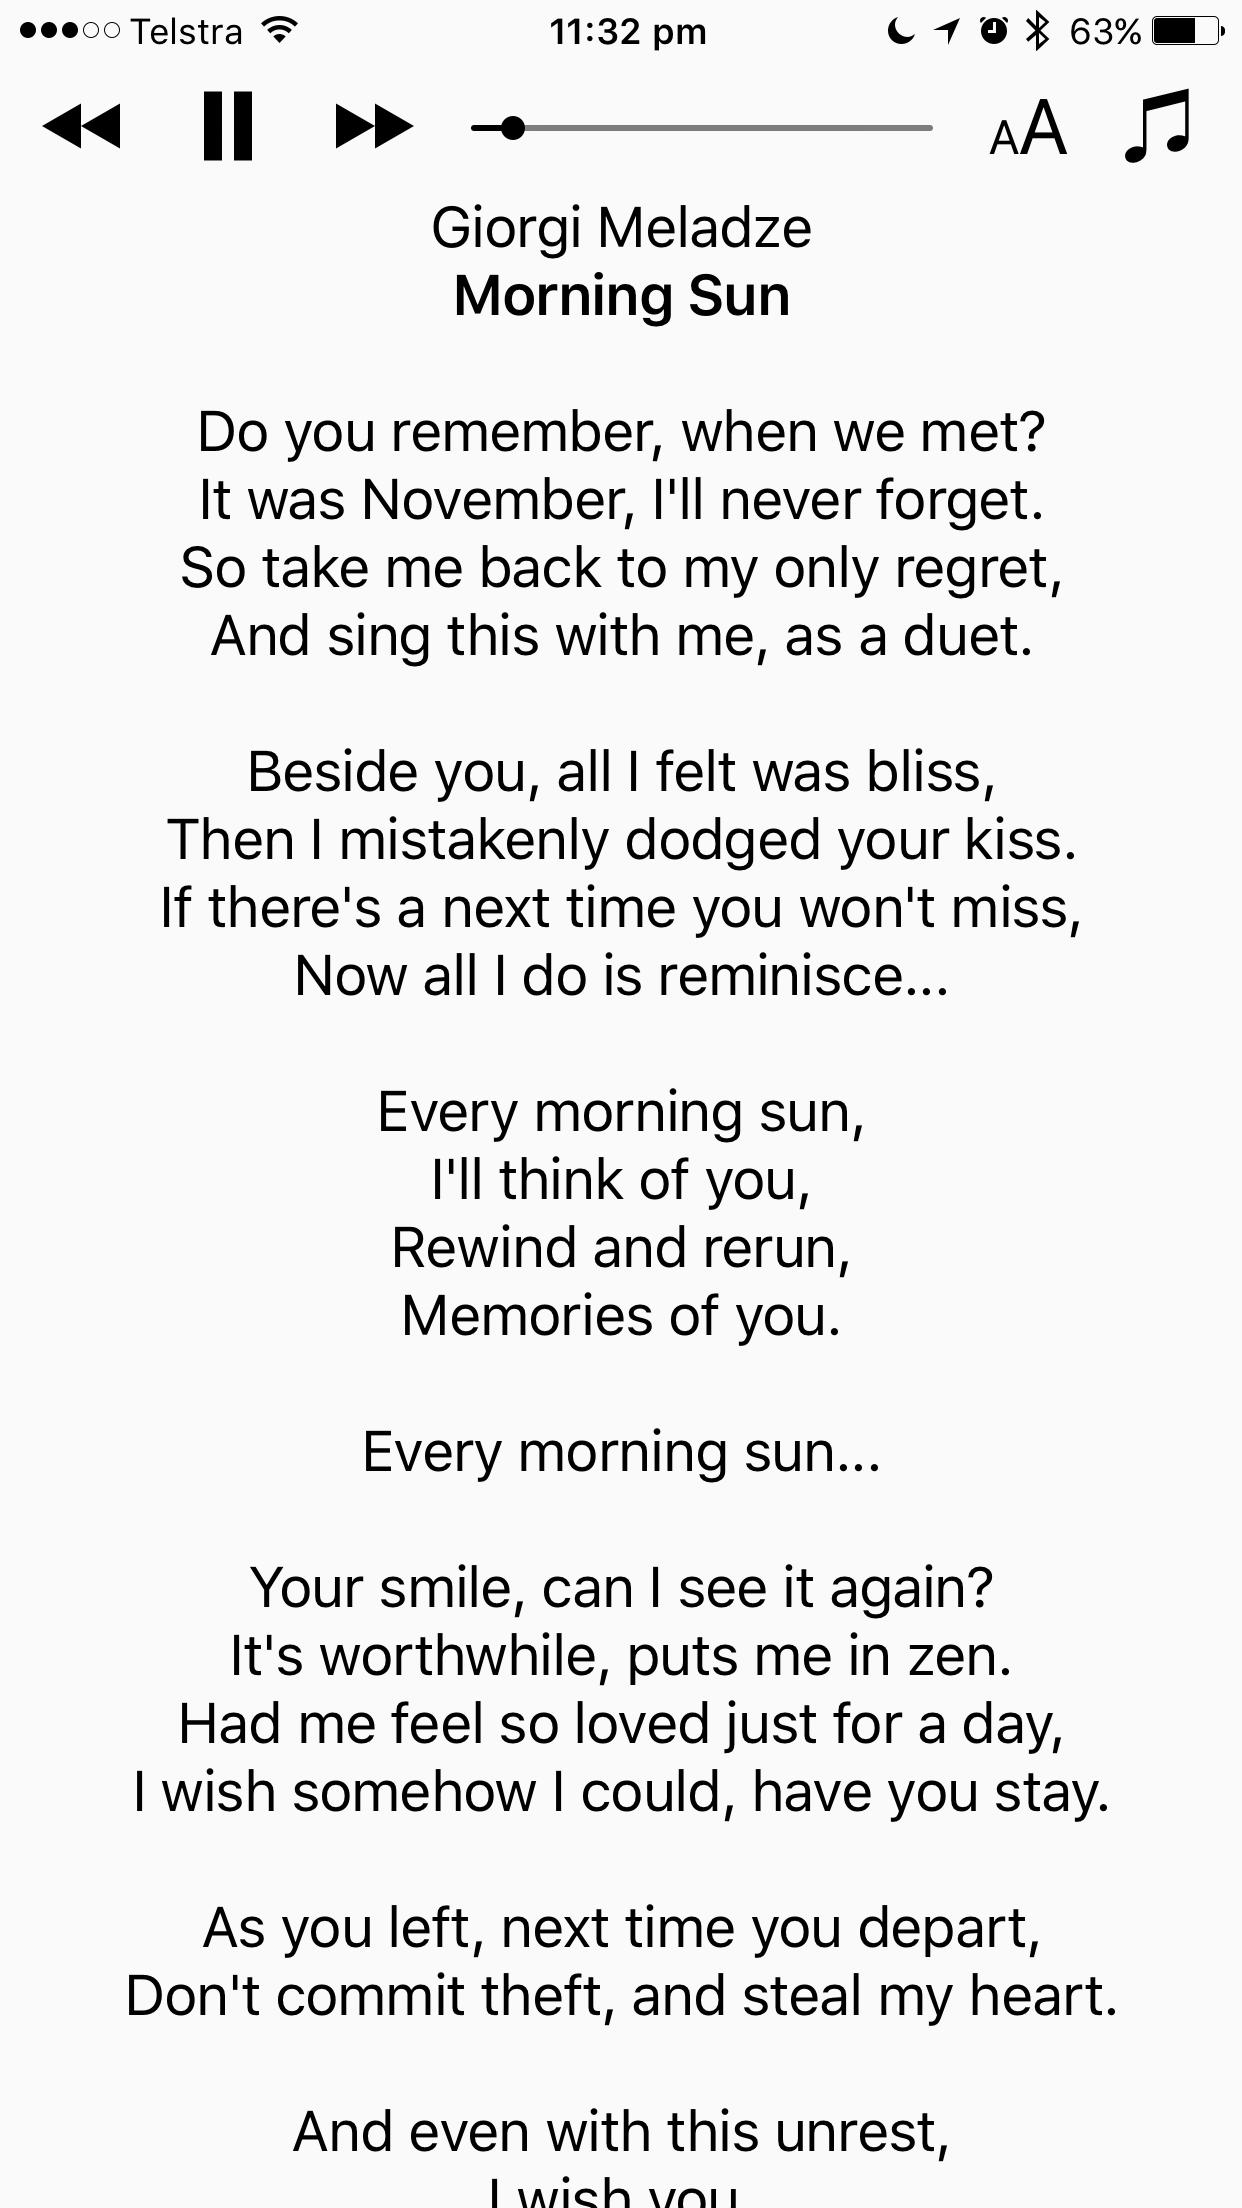 lyrics_view_iphone_screenshot_1.PNG